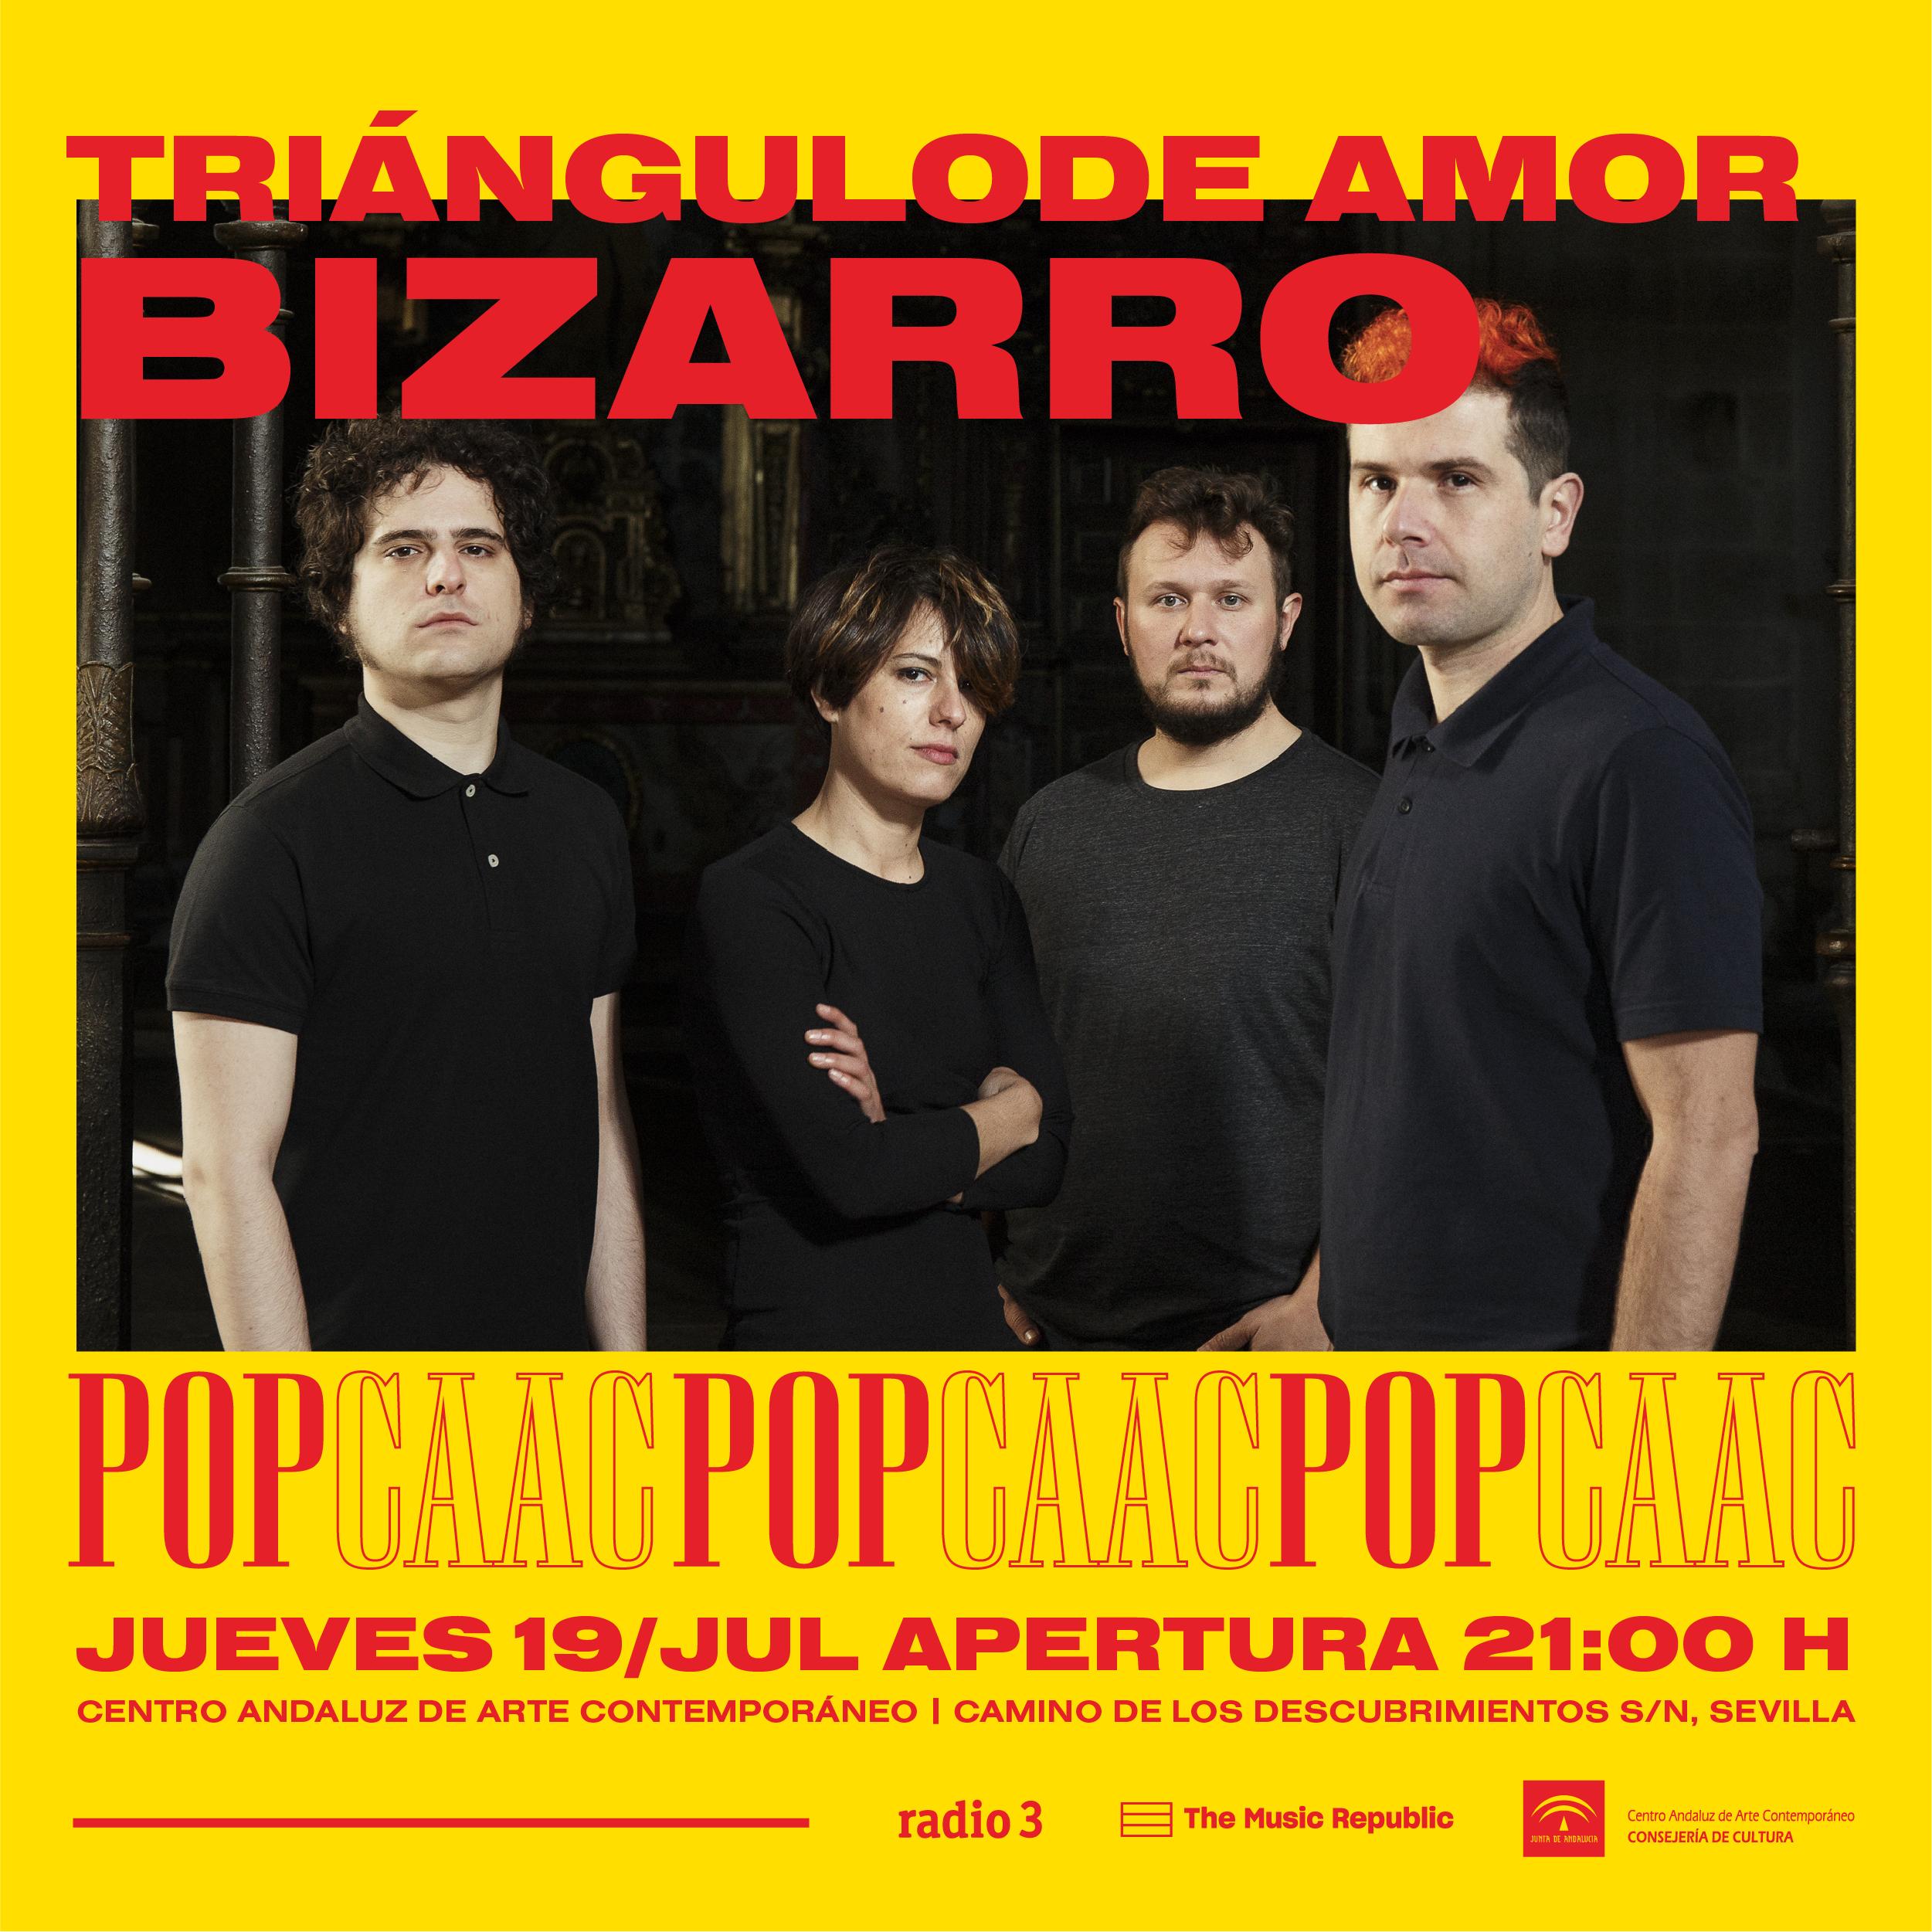 Triángulo de Amor Bizarro en el POPCAAC